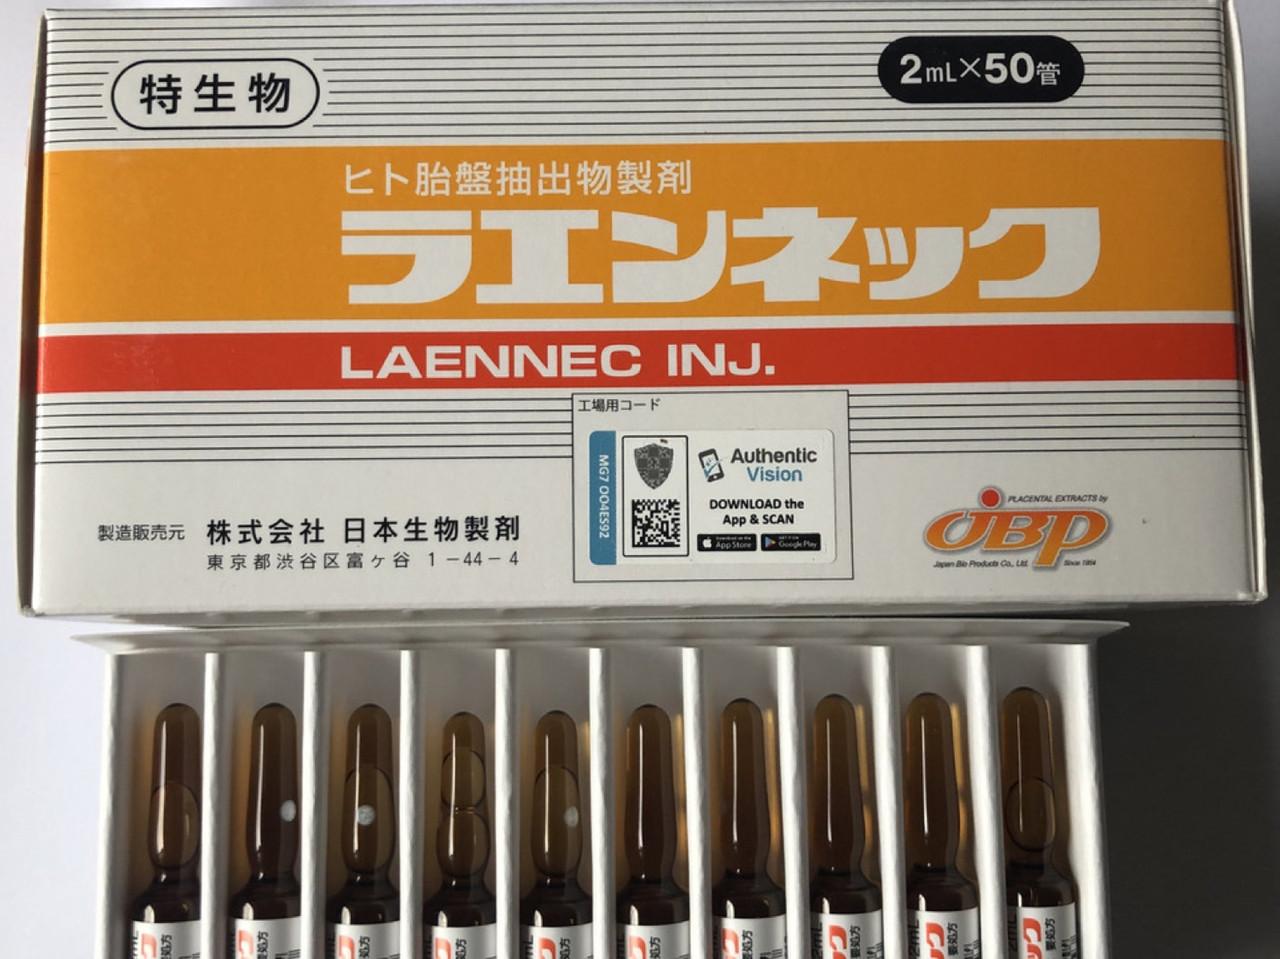 Laennec (Лаеннек) плацентарный инъекционный препарат, Япония